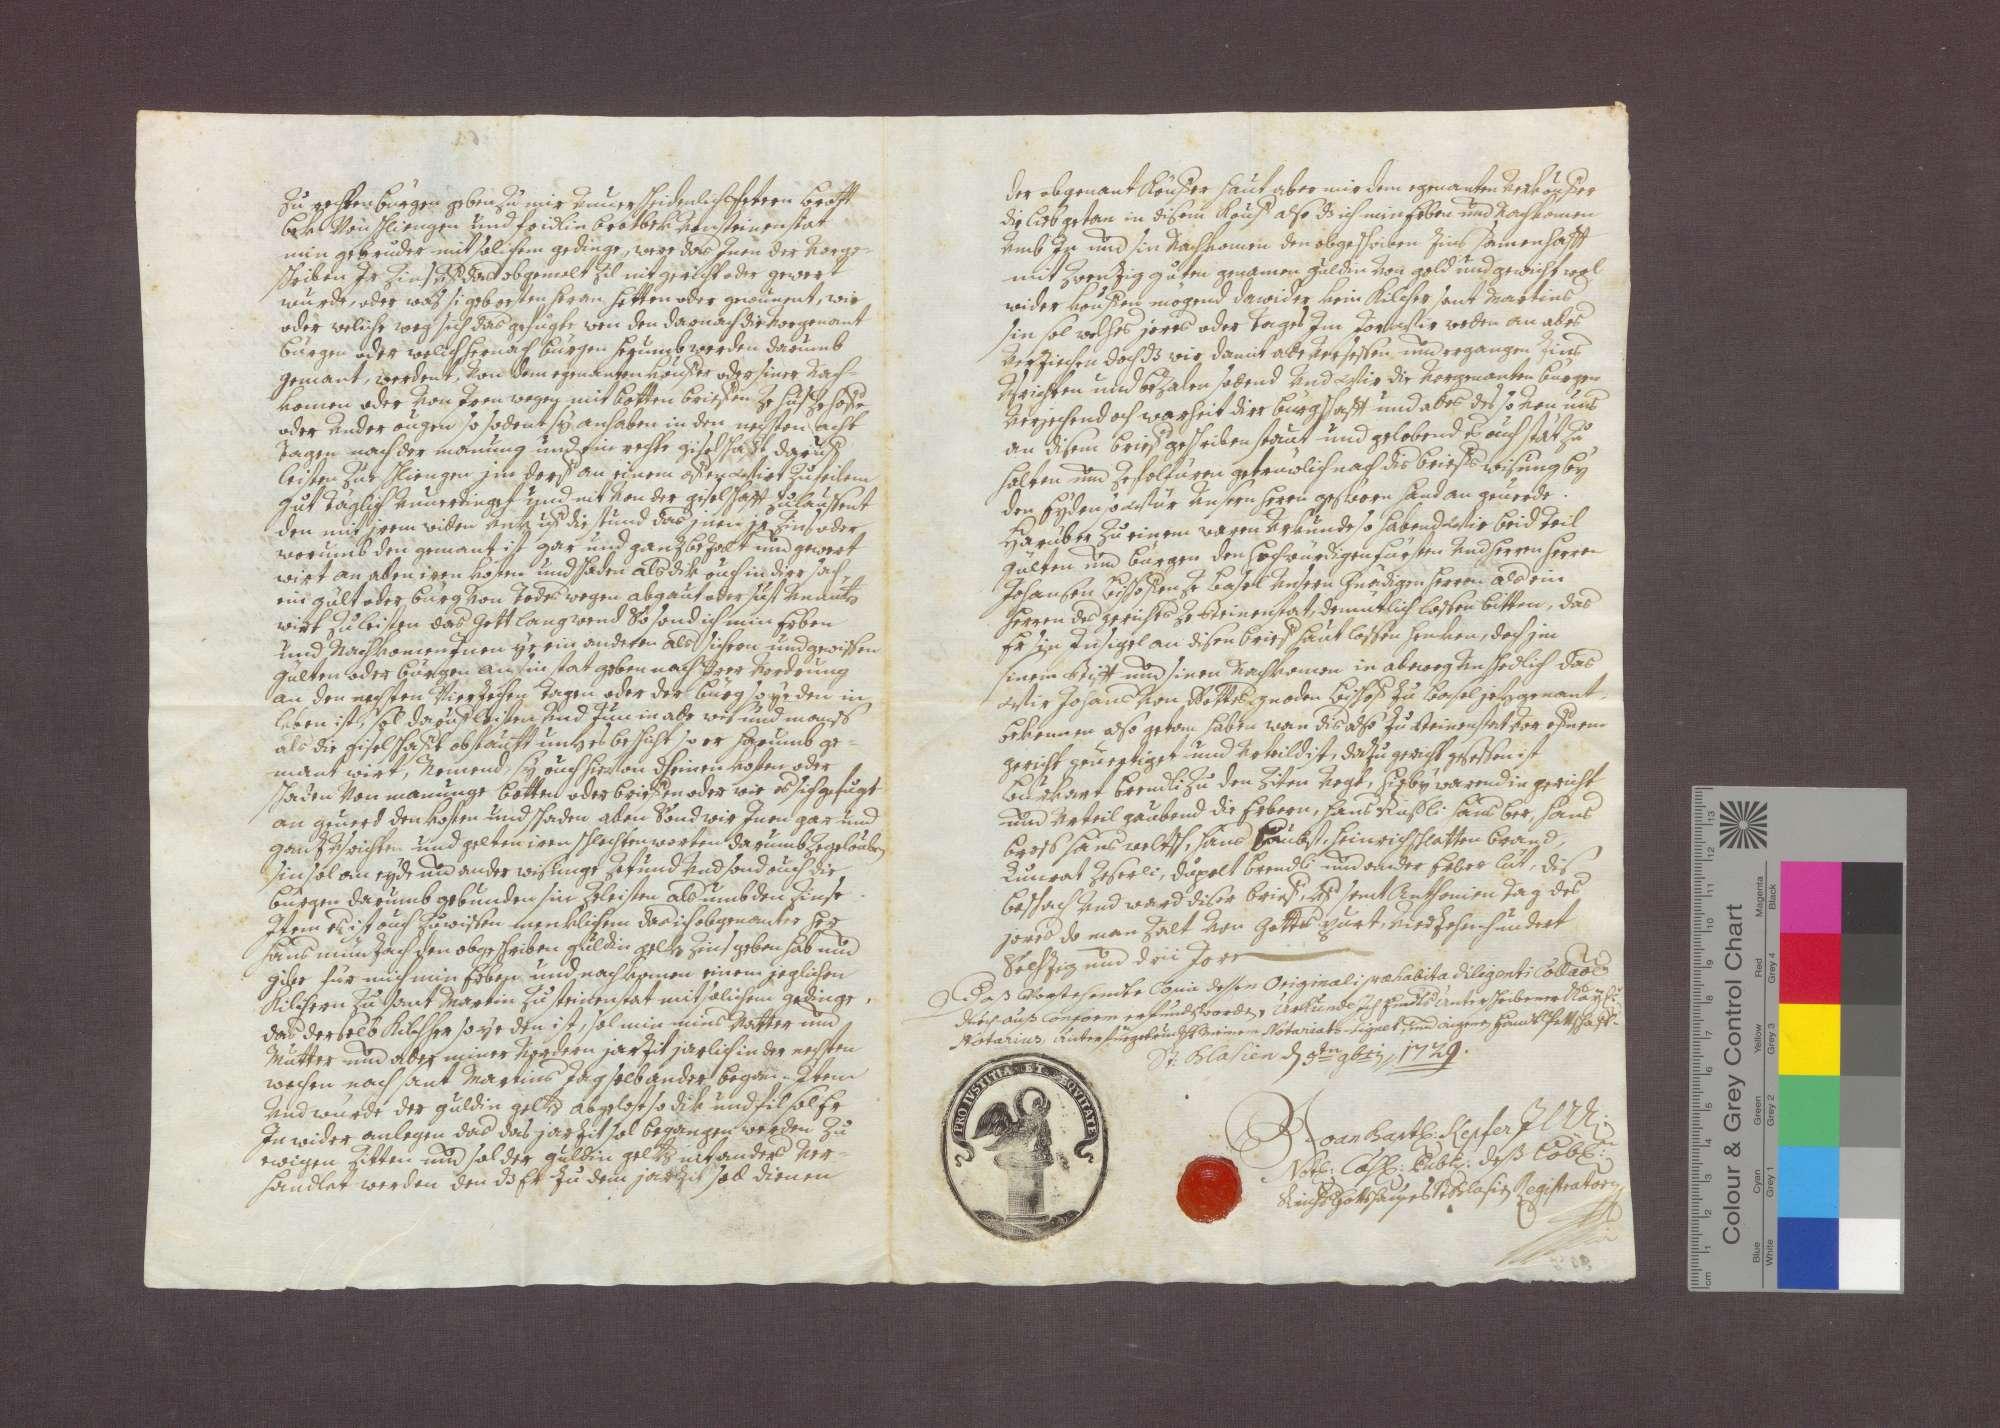 Gültverschreibung des Bantli Brodbeck zu Steinenstadt gegenüber dem Basler Kaplan Johannes Munzach., Bild 2